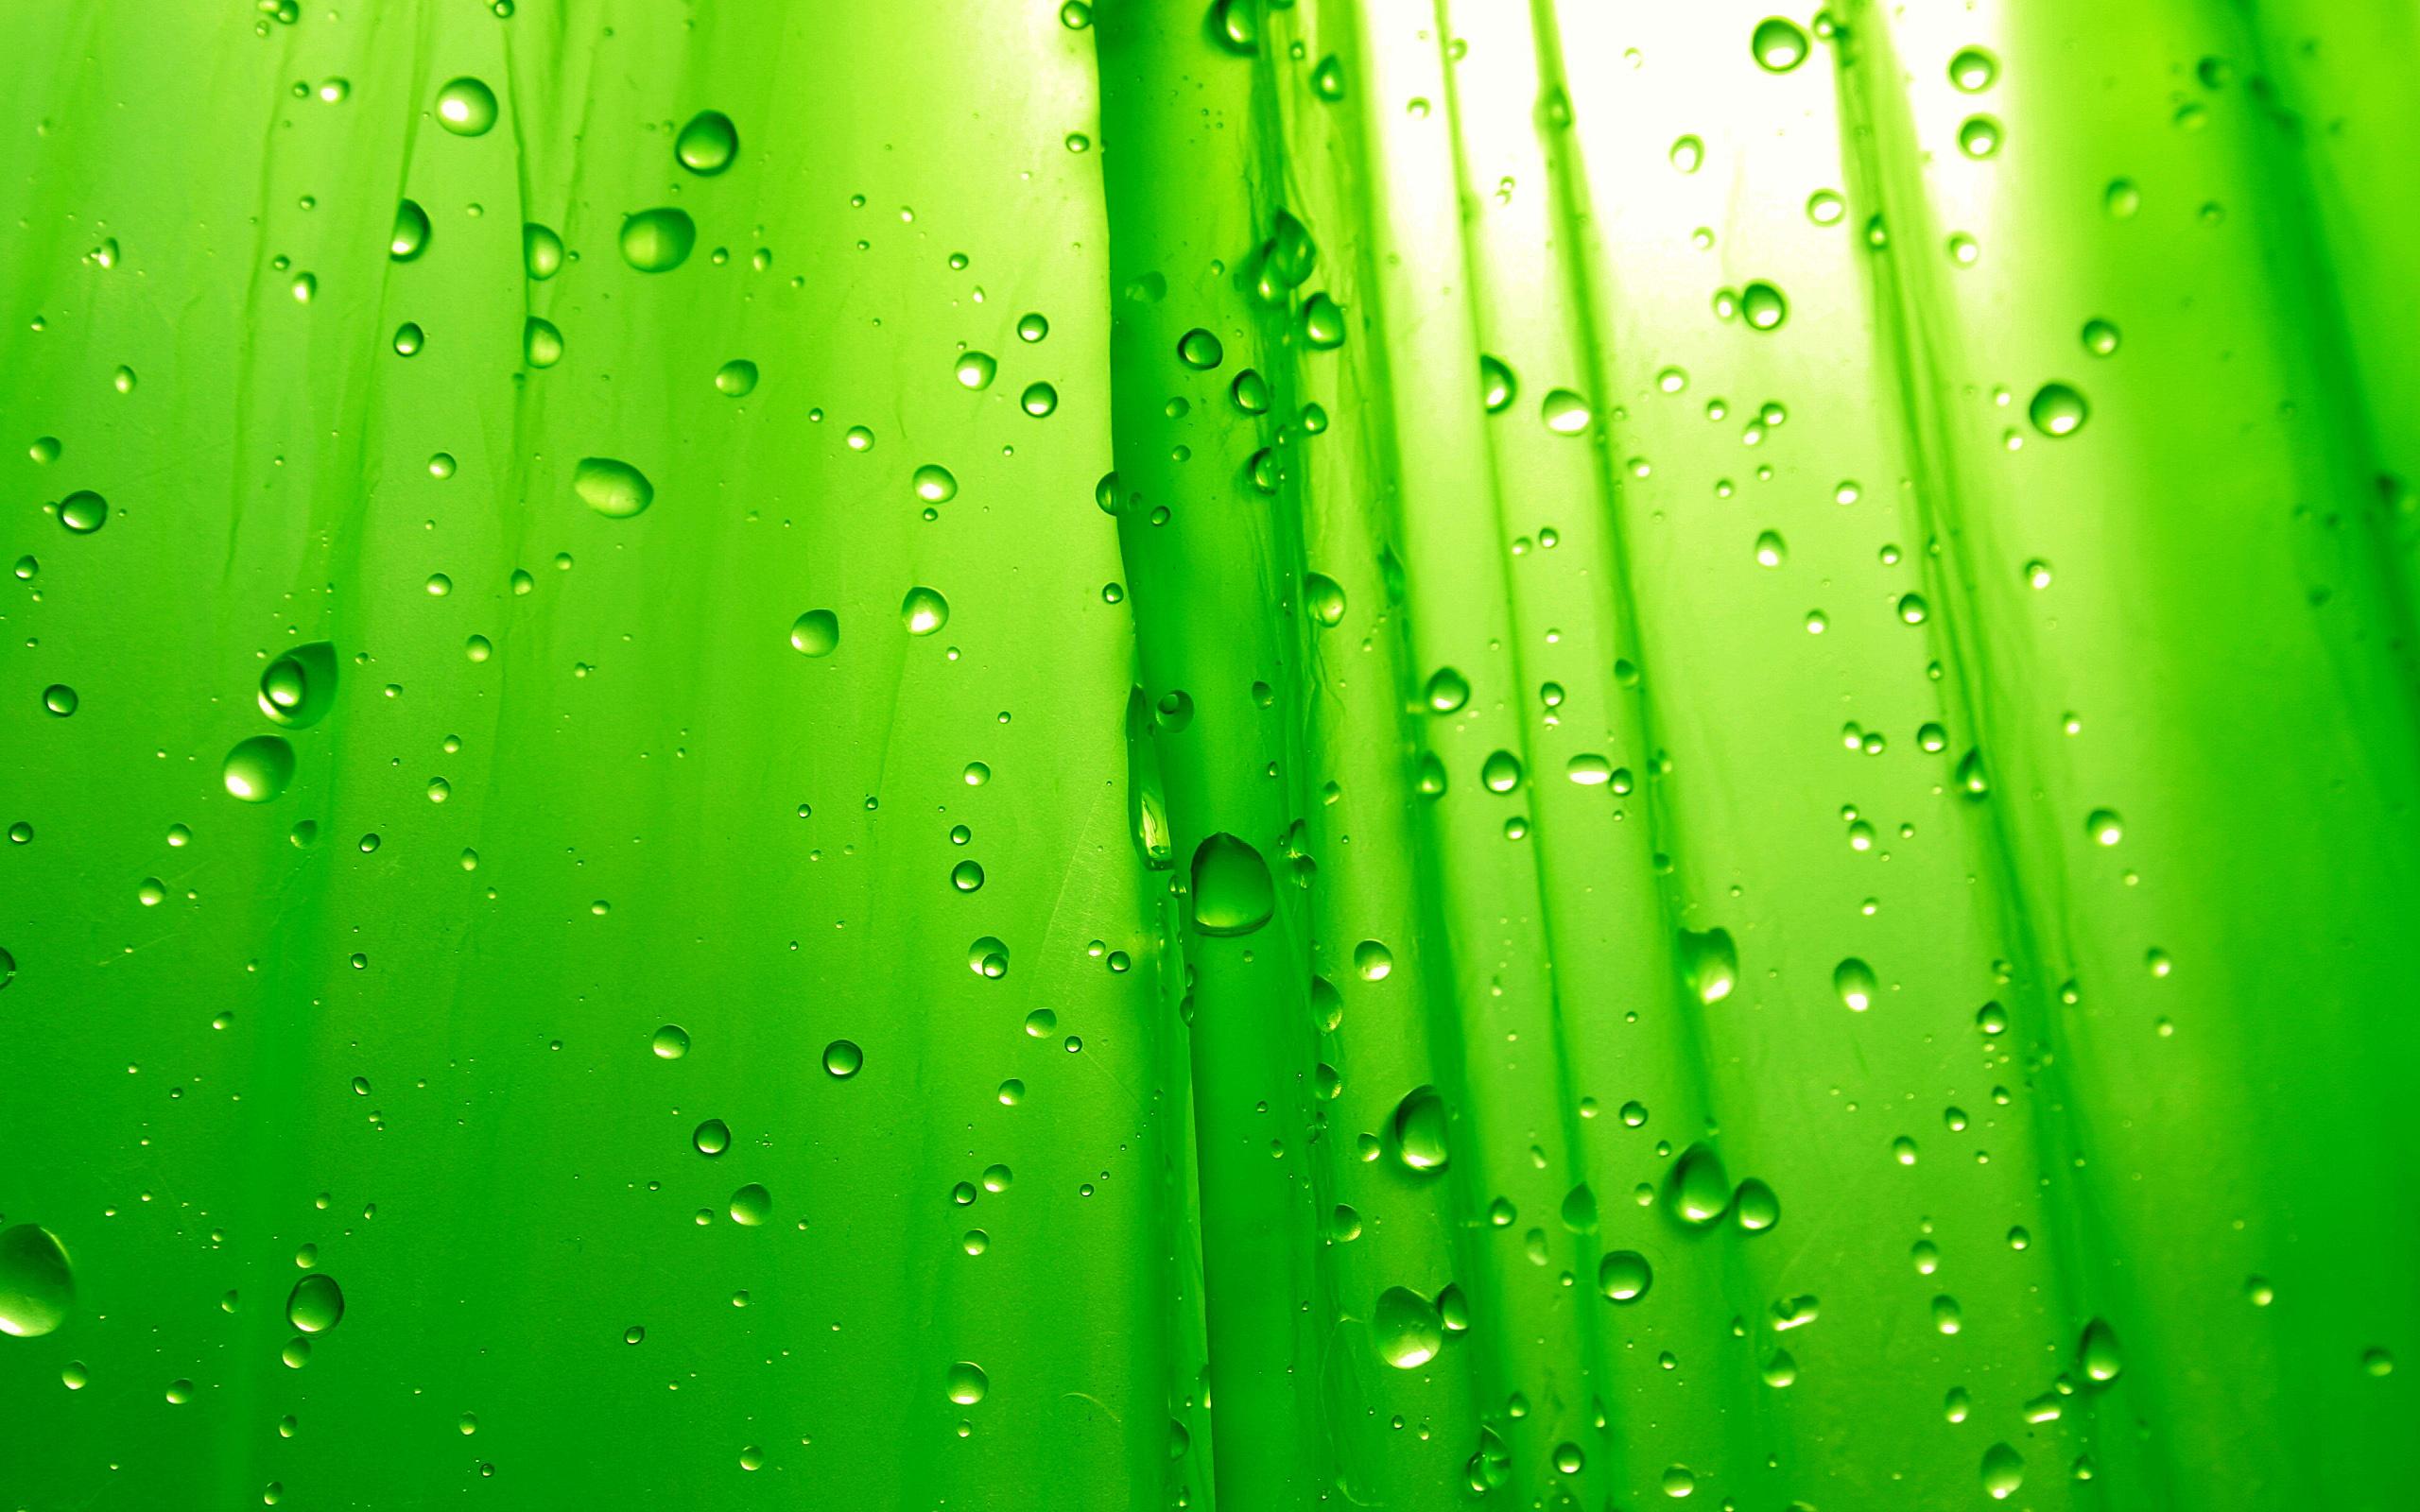 Картинки на рабочий стол зеленые капли